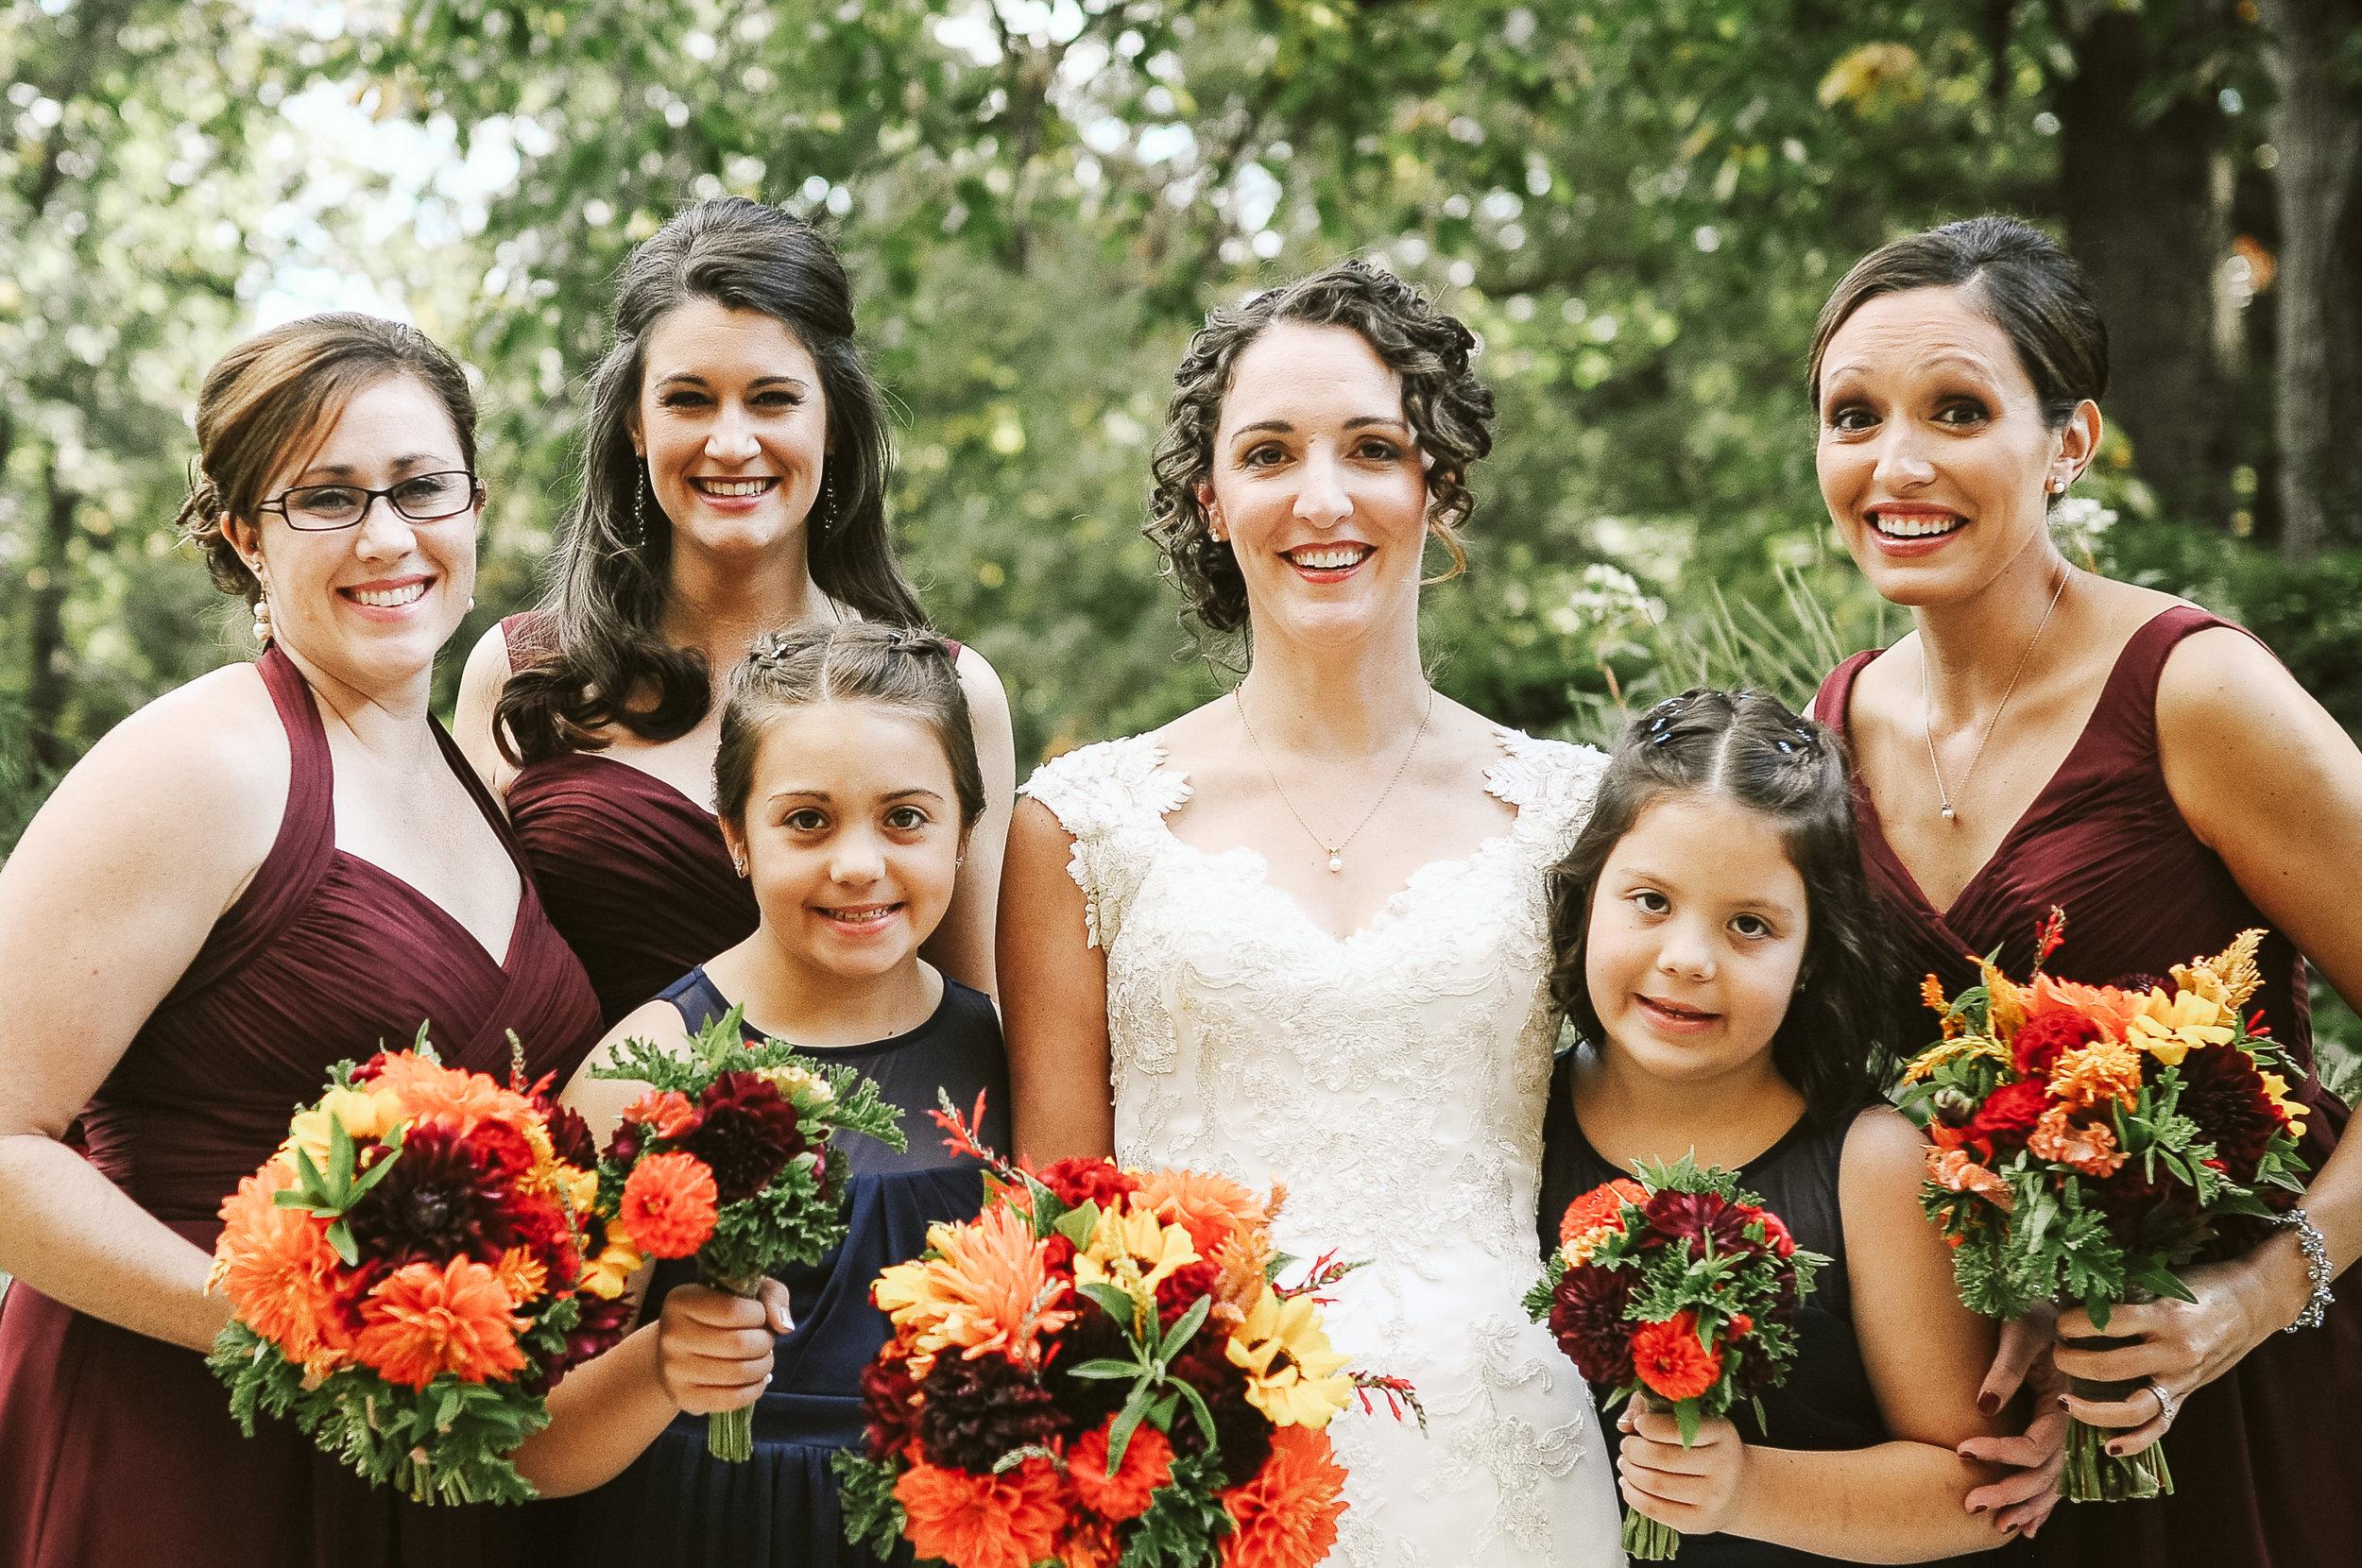 adrienne and greg's wedding 2018 edits-28.jpg